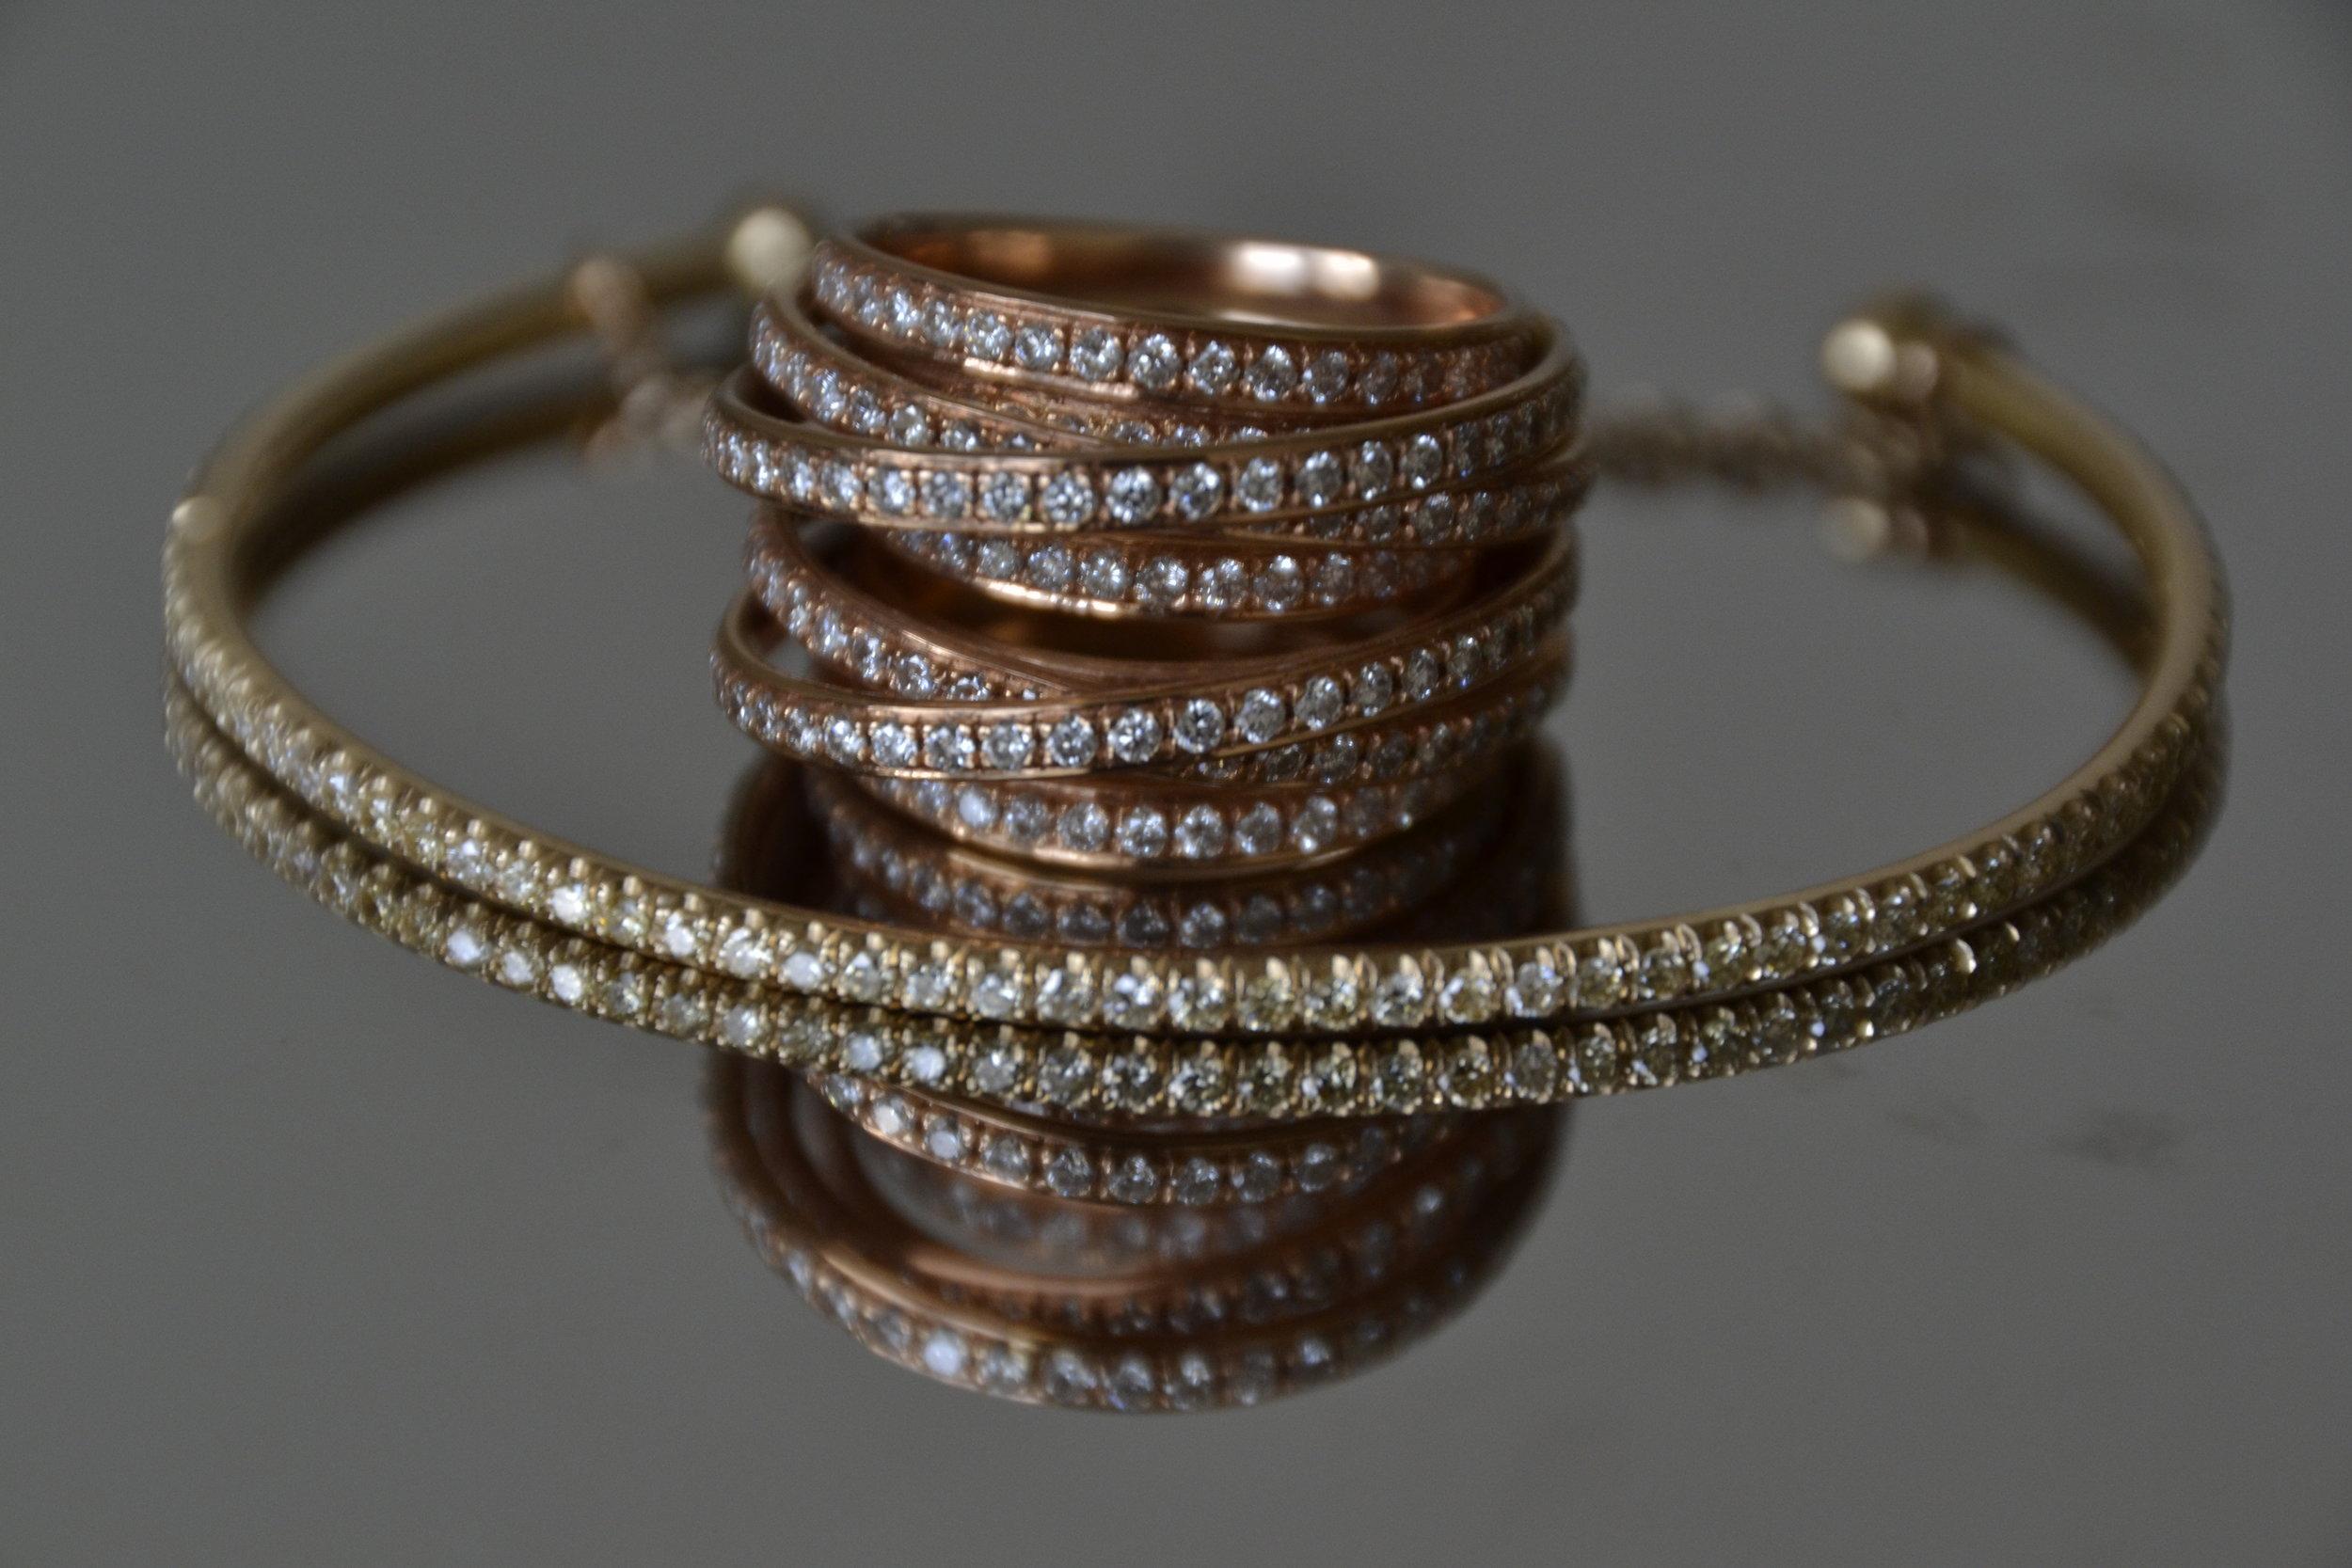 Ring and half bangle with diamonds